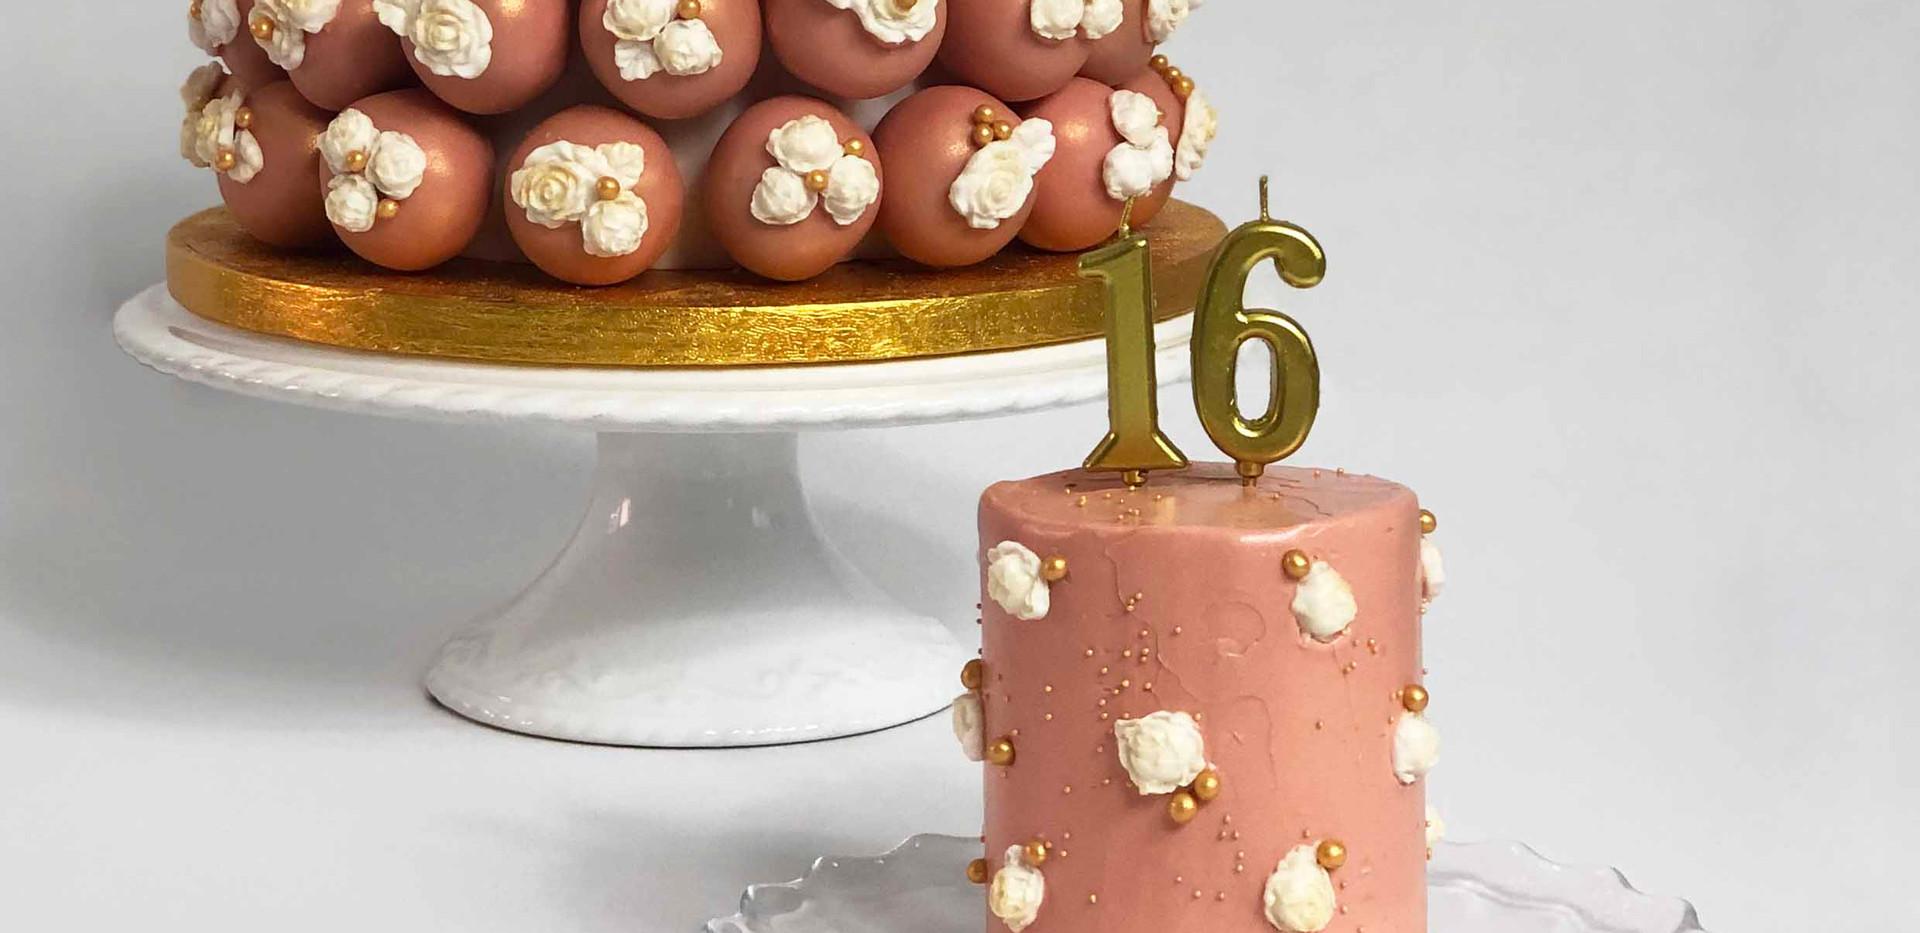 Love Celebration Cake Image 6 with LOGO